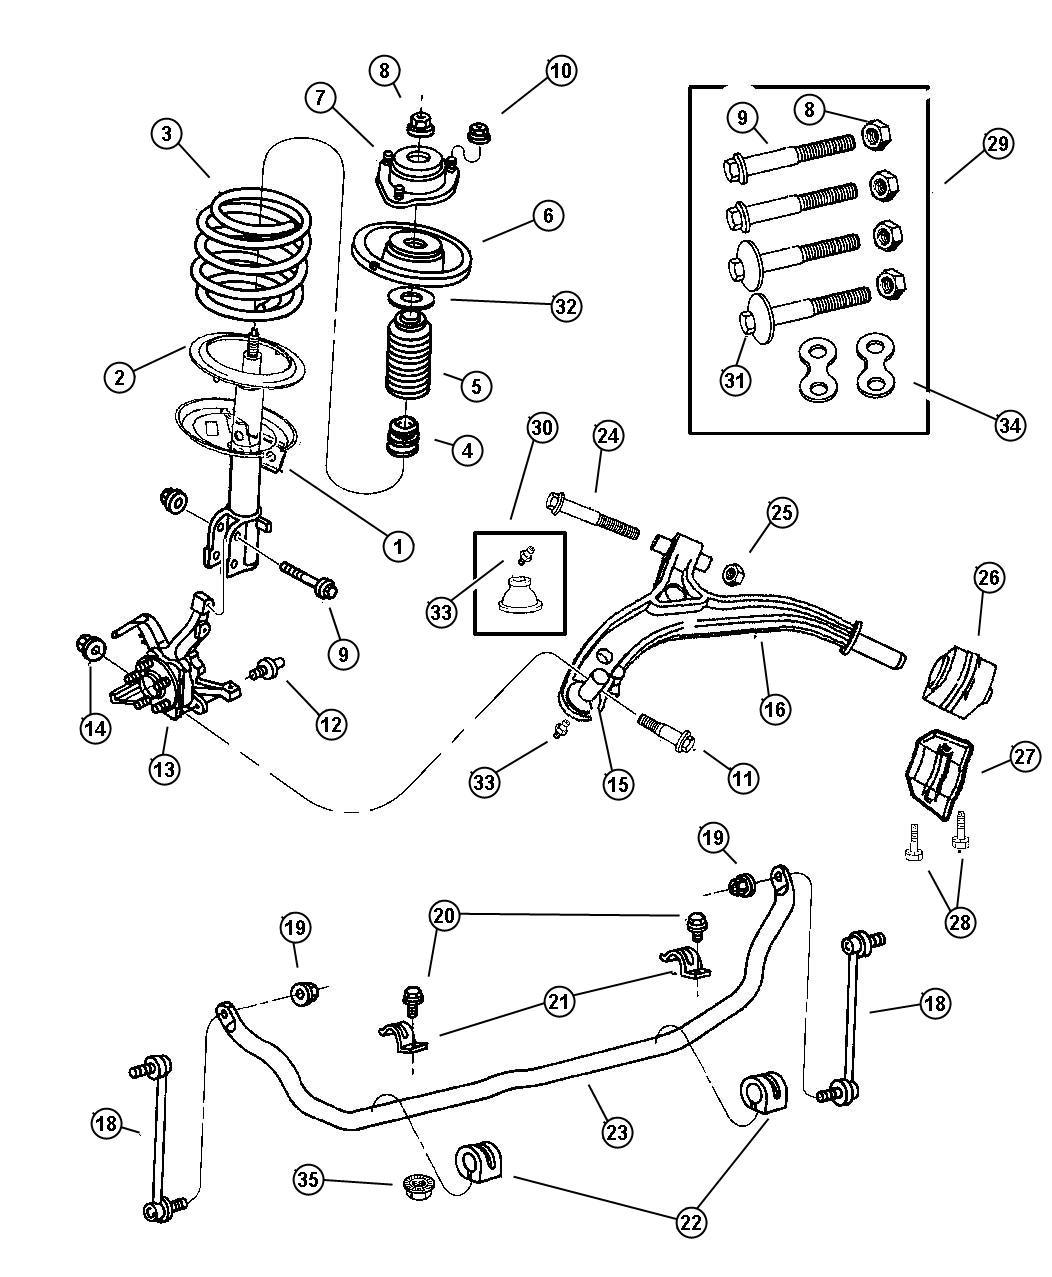 2003 chrysler voyager cushion  sway eliminator  sway bar frt suspension  sway bar frt